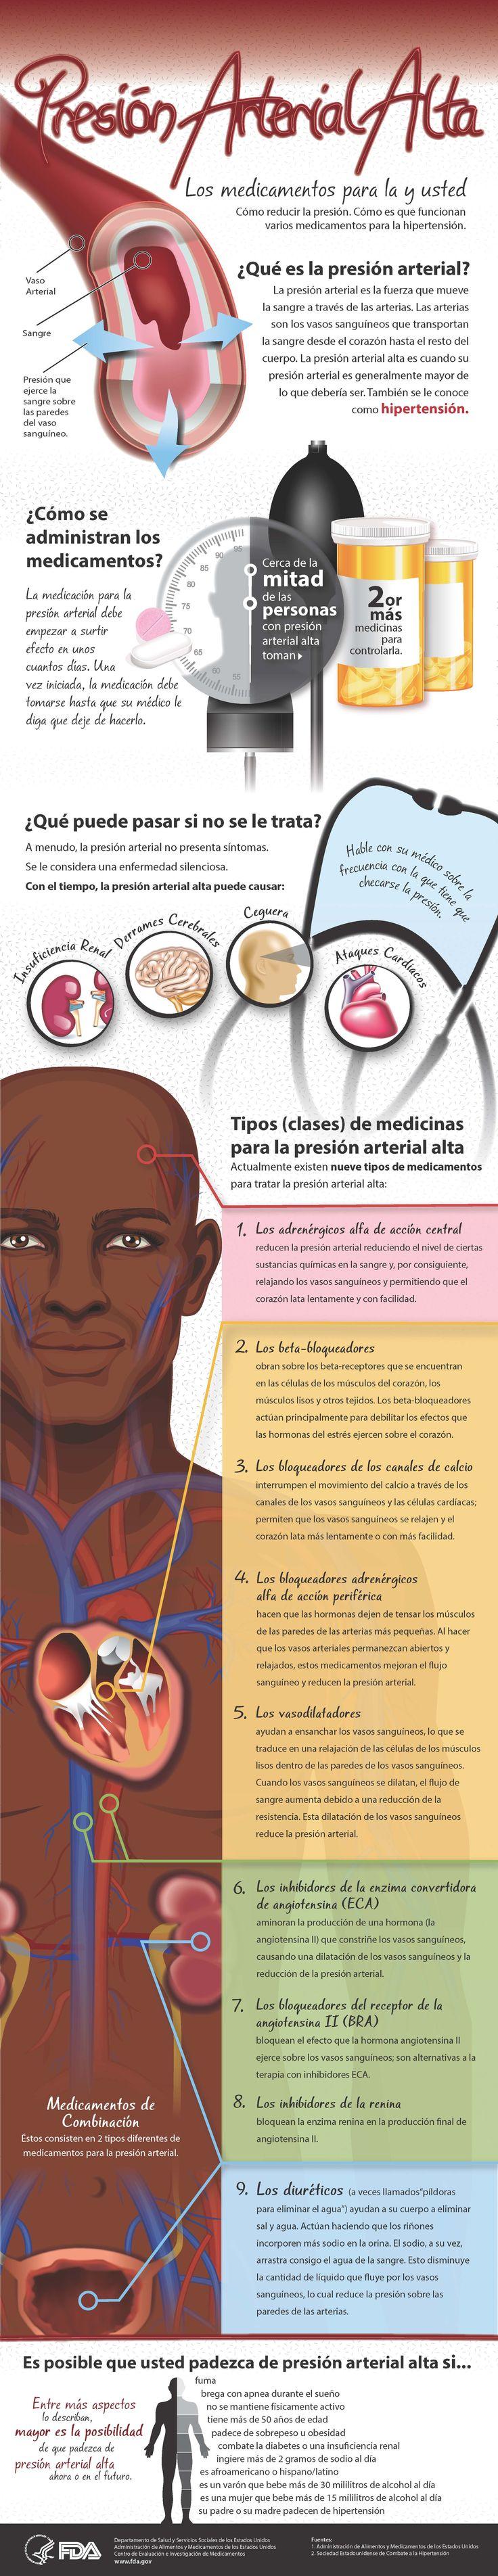 La presión arterial alta y los medicamentos tomar #corazón #presiónalta #salud #hipertensión